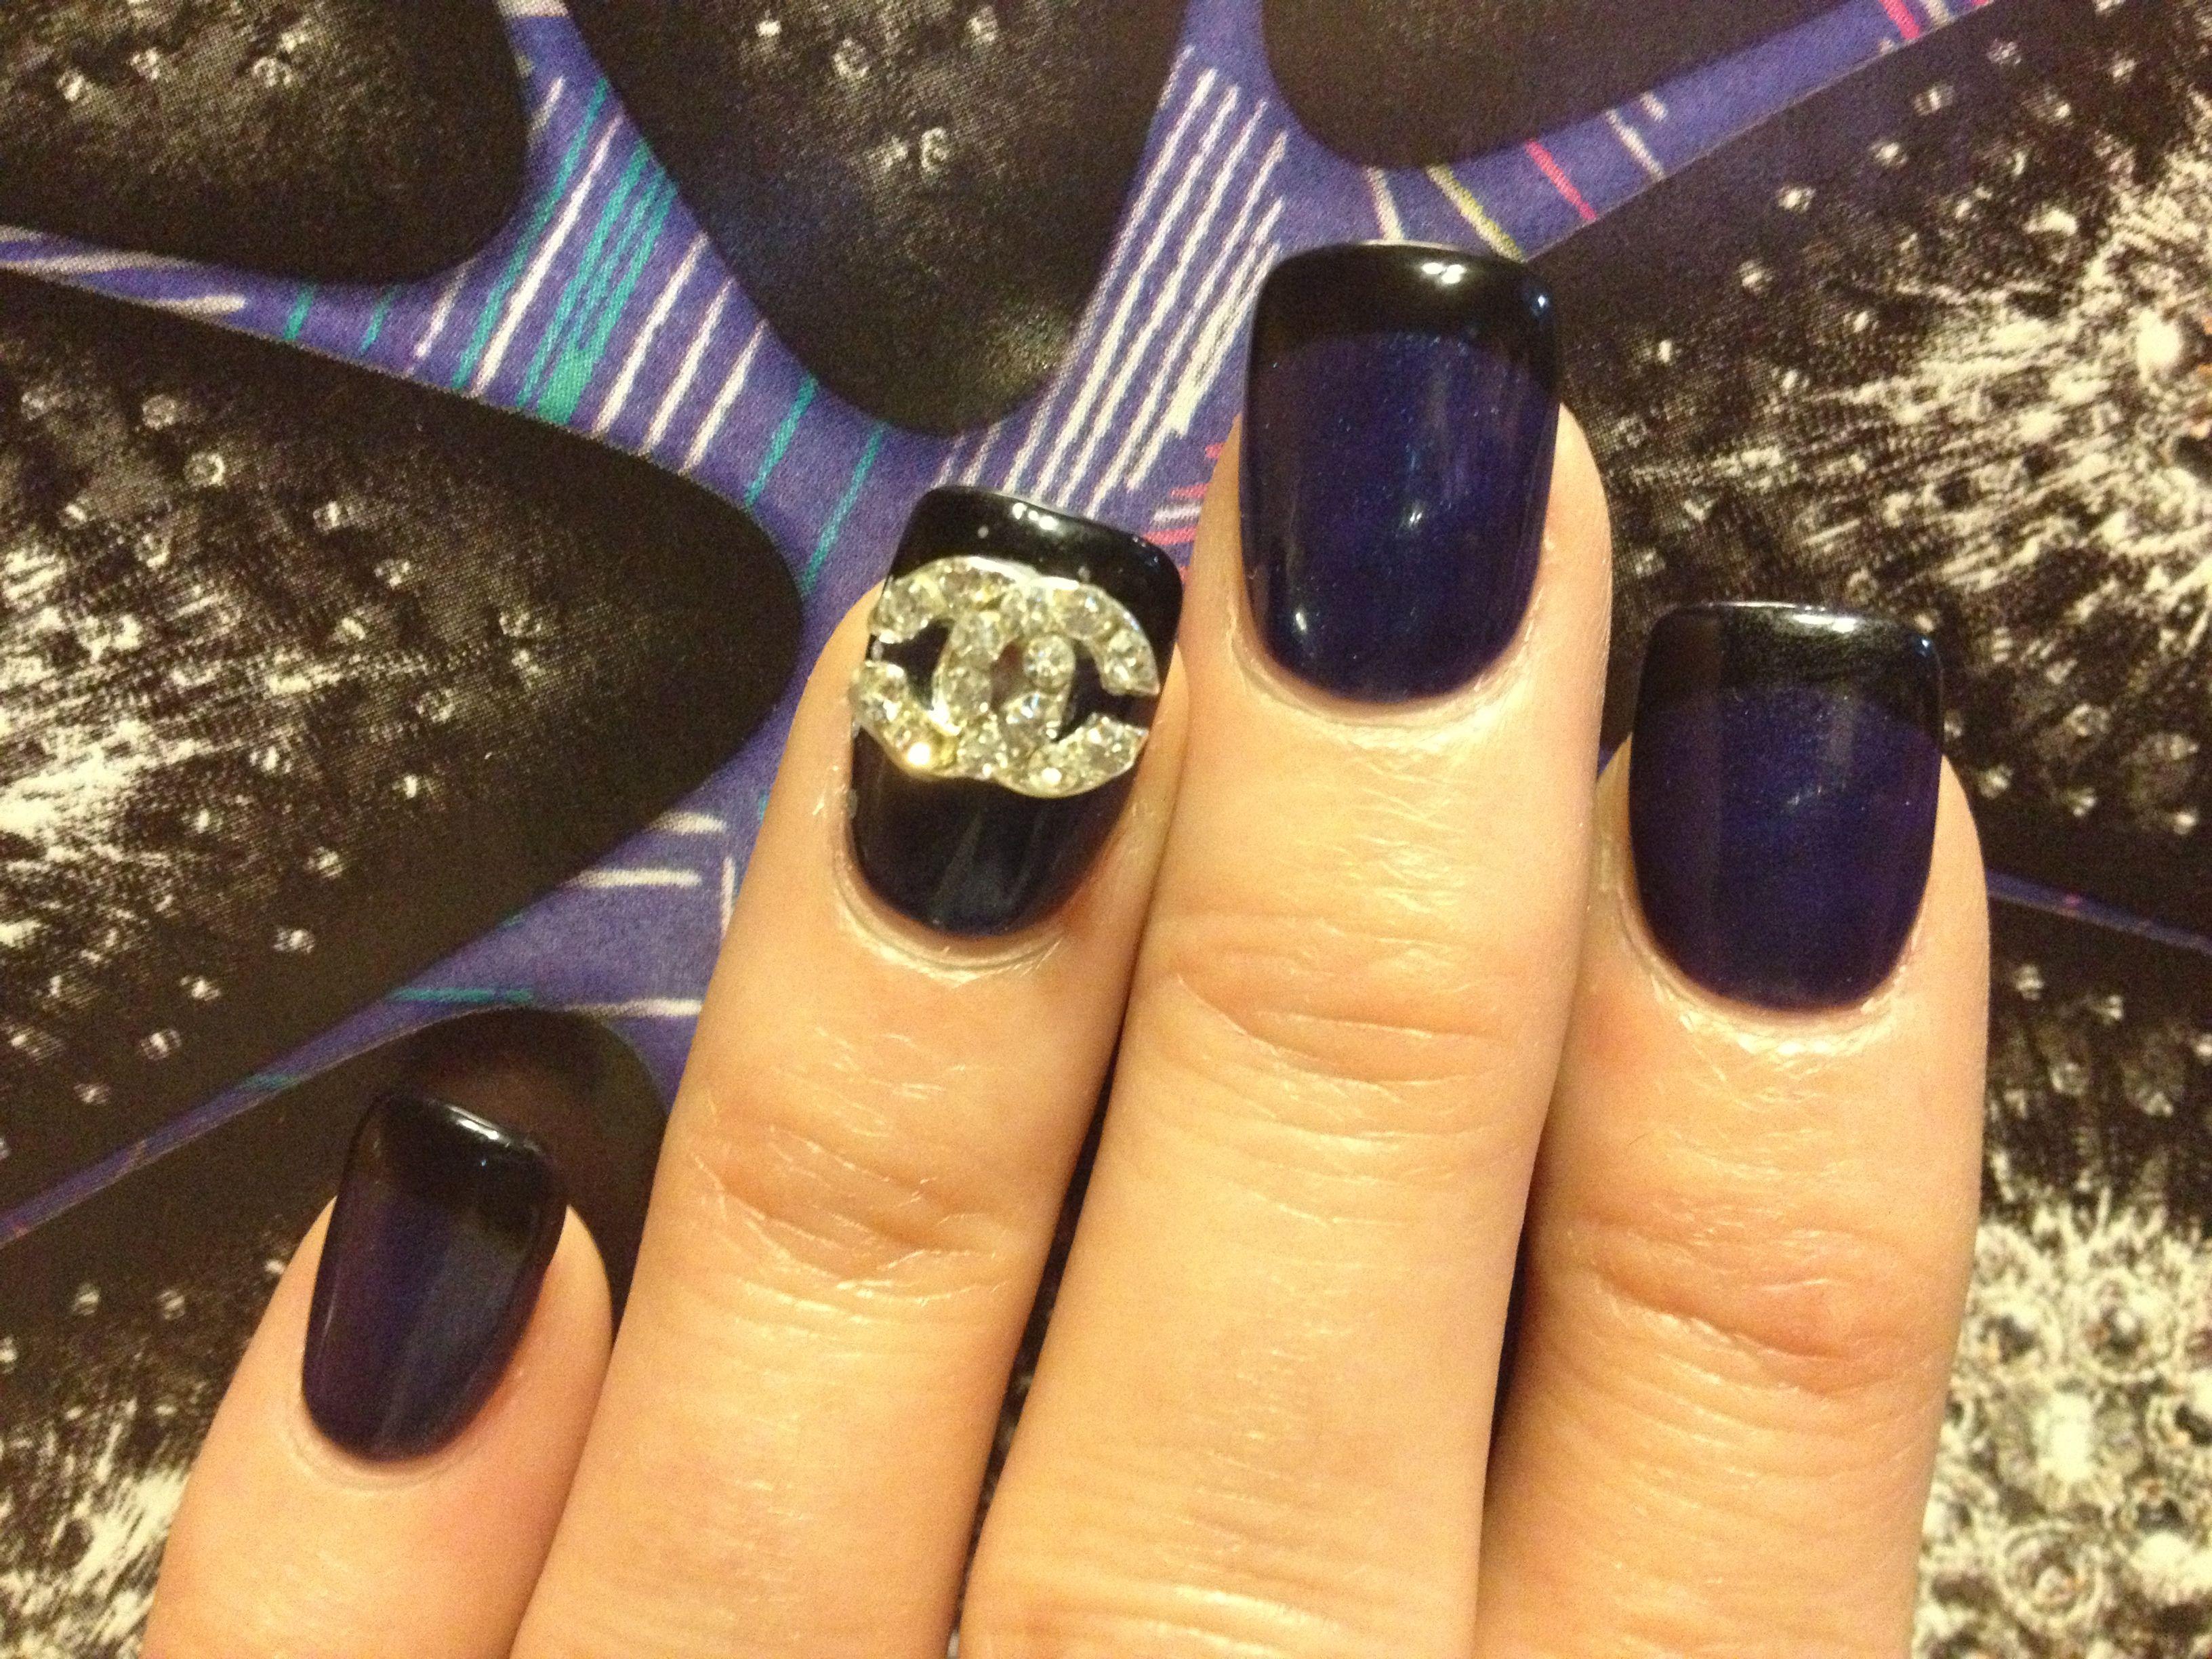 Increíble Chanel Medianoche Esmalte De Uñas Azul Viñeta - Ideas de ...